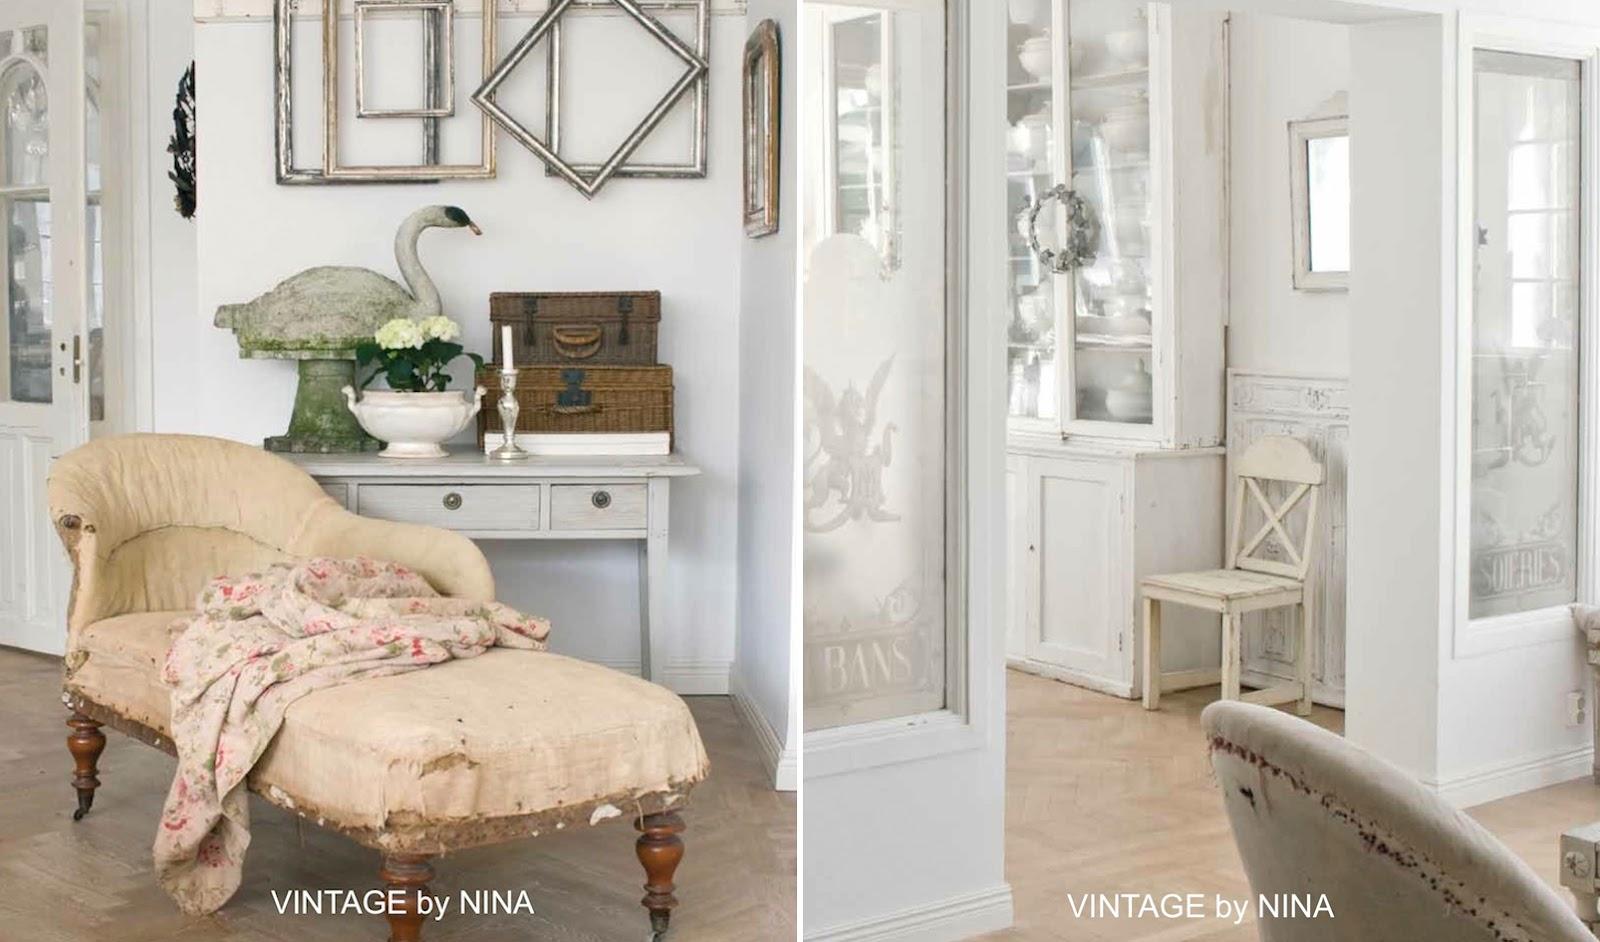 Ispirazione vintage shabby chic interiors - Shabby chic interiors ...